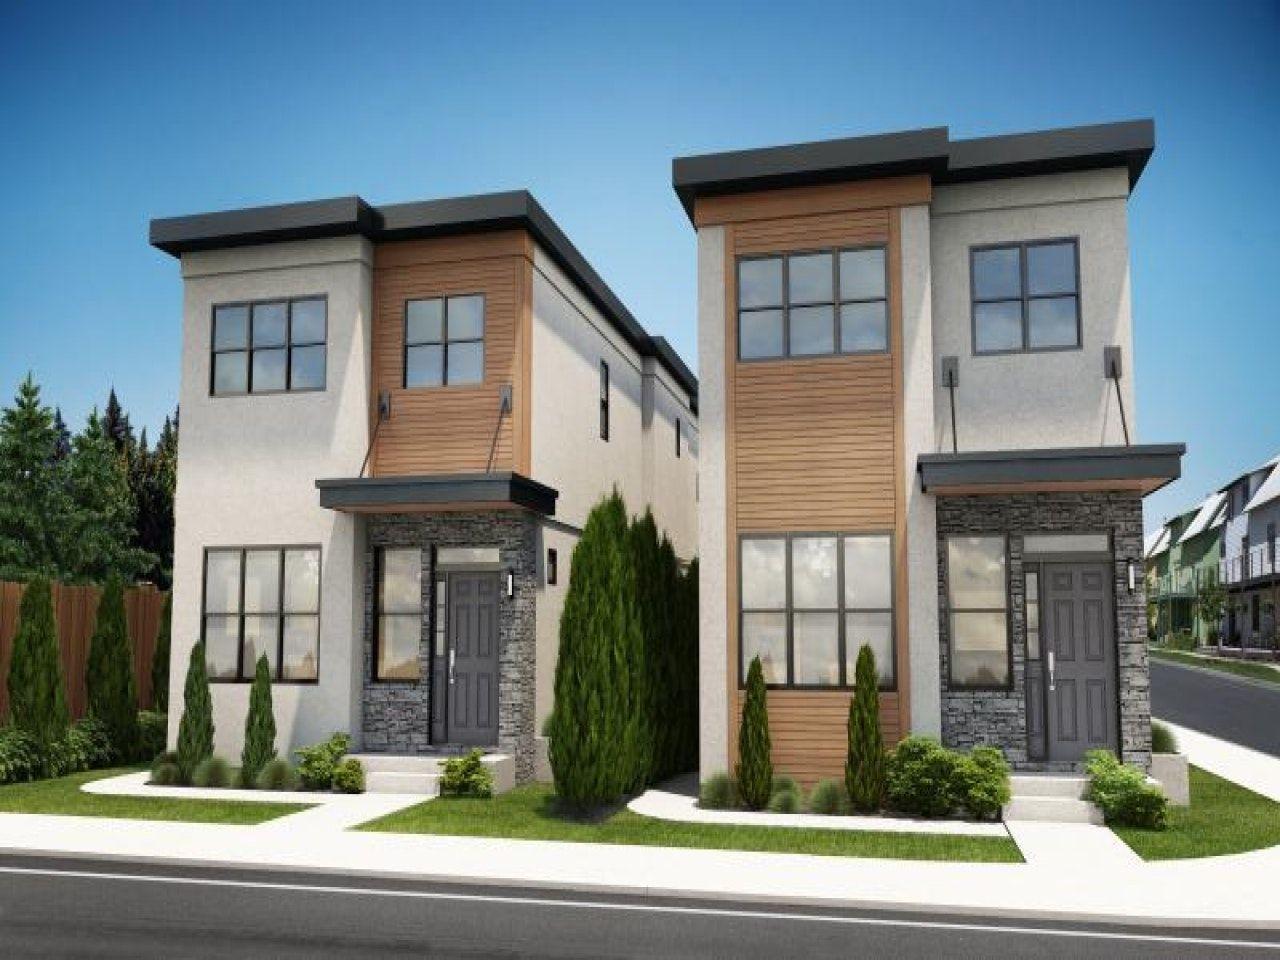 Amusing Narrow Lot Modern Infill House Plans Photos Best Idea Narrow House Plans Narrow Lot House Plans Duplex Design